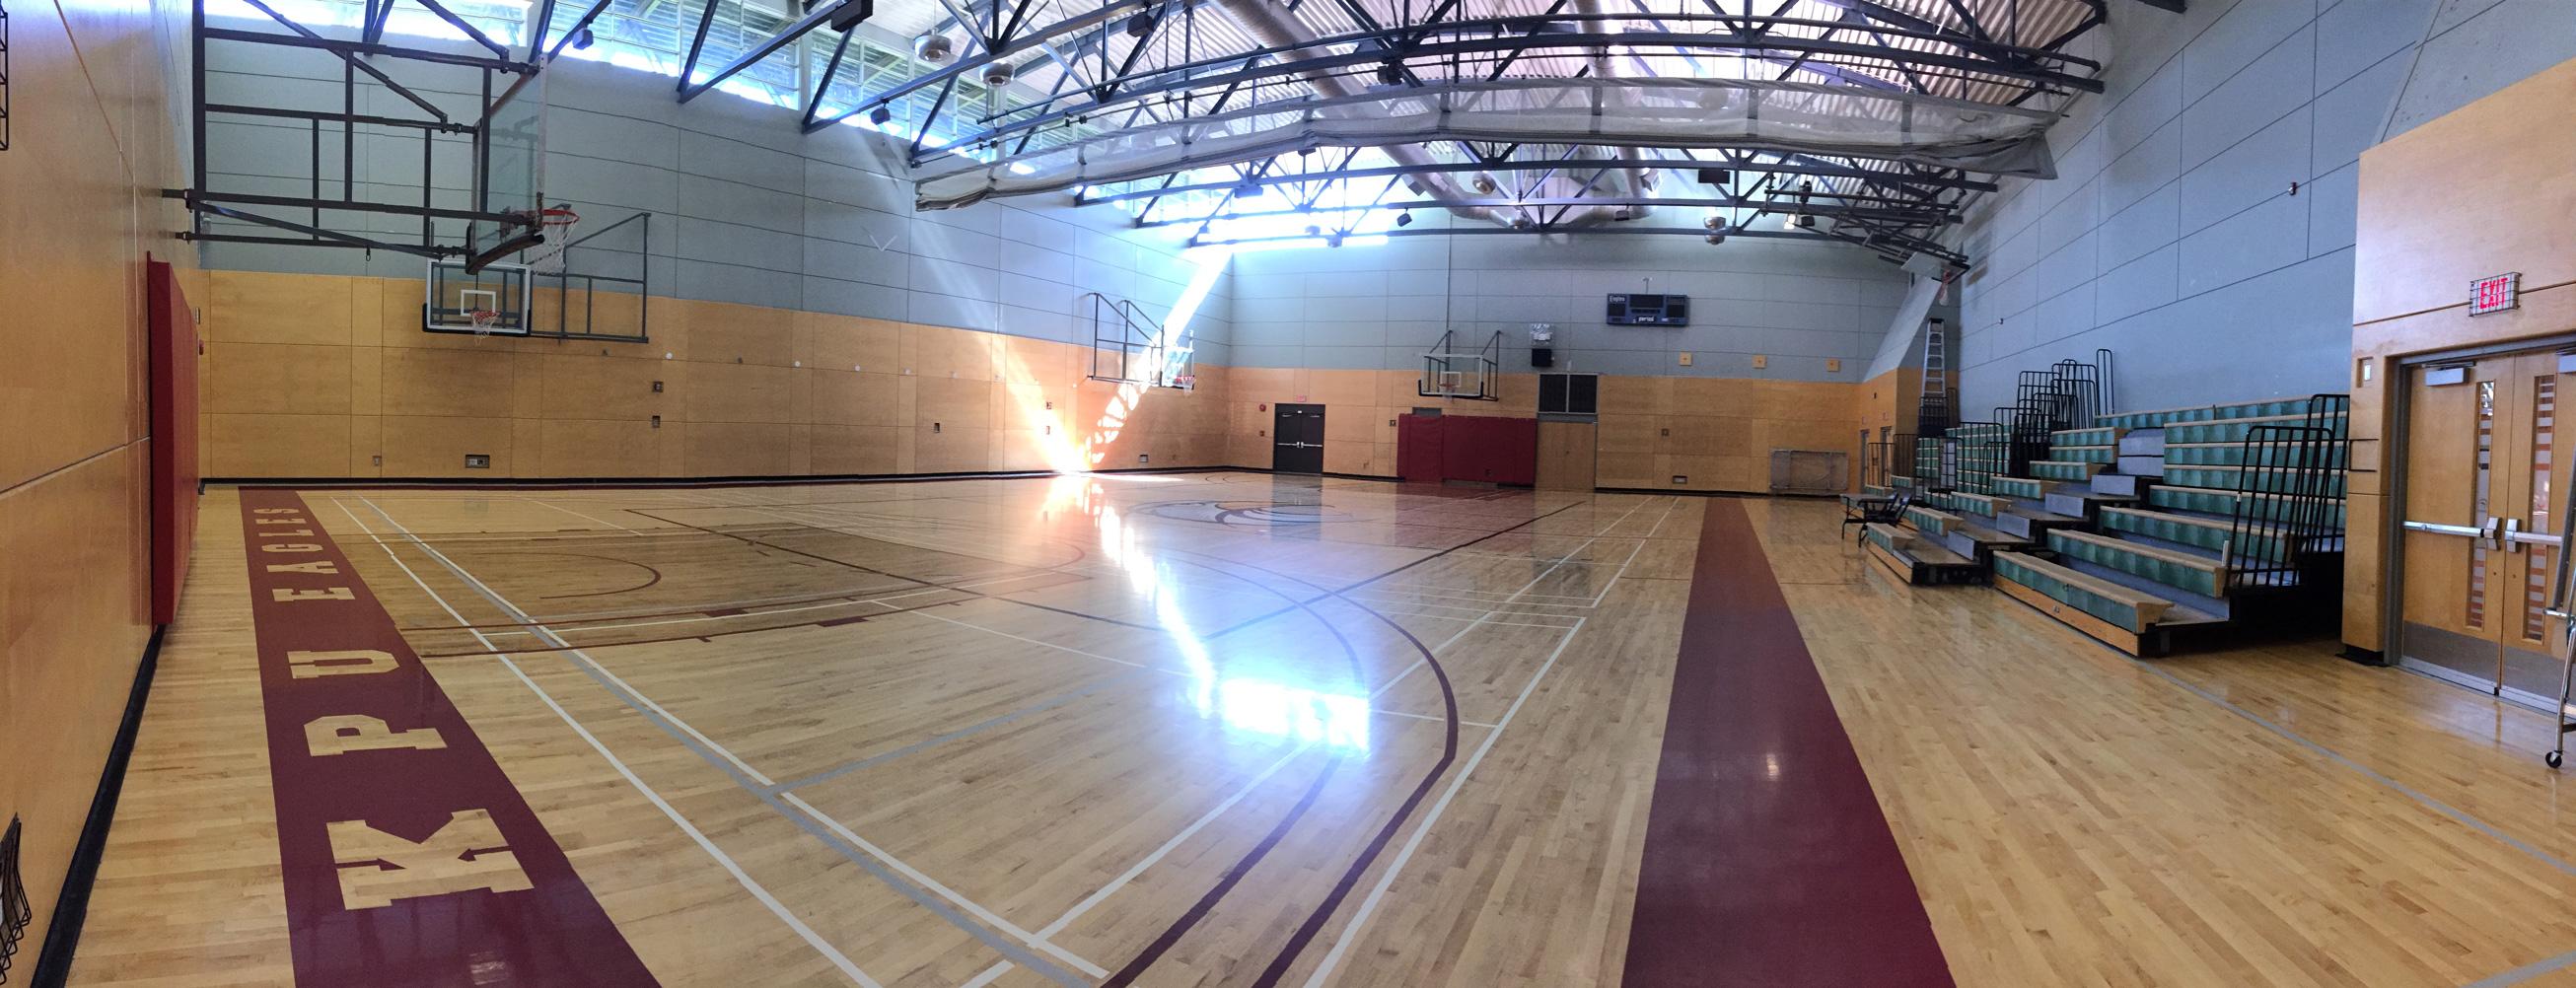 Surrey Campus Gymnasium